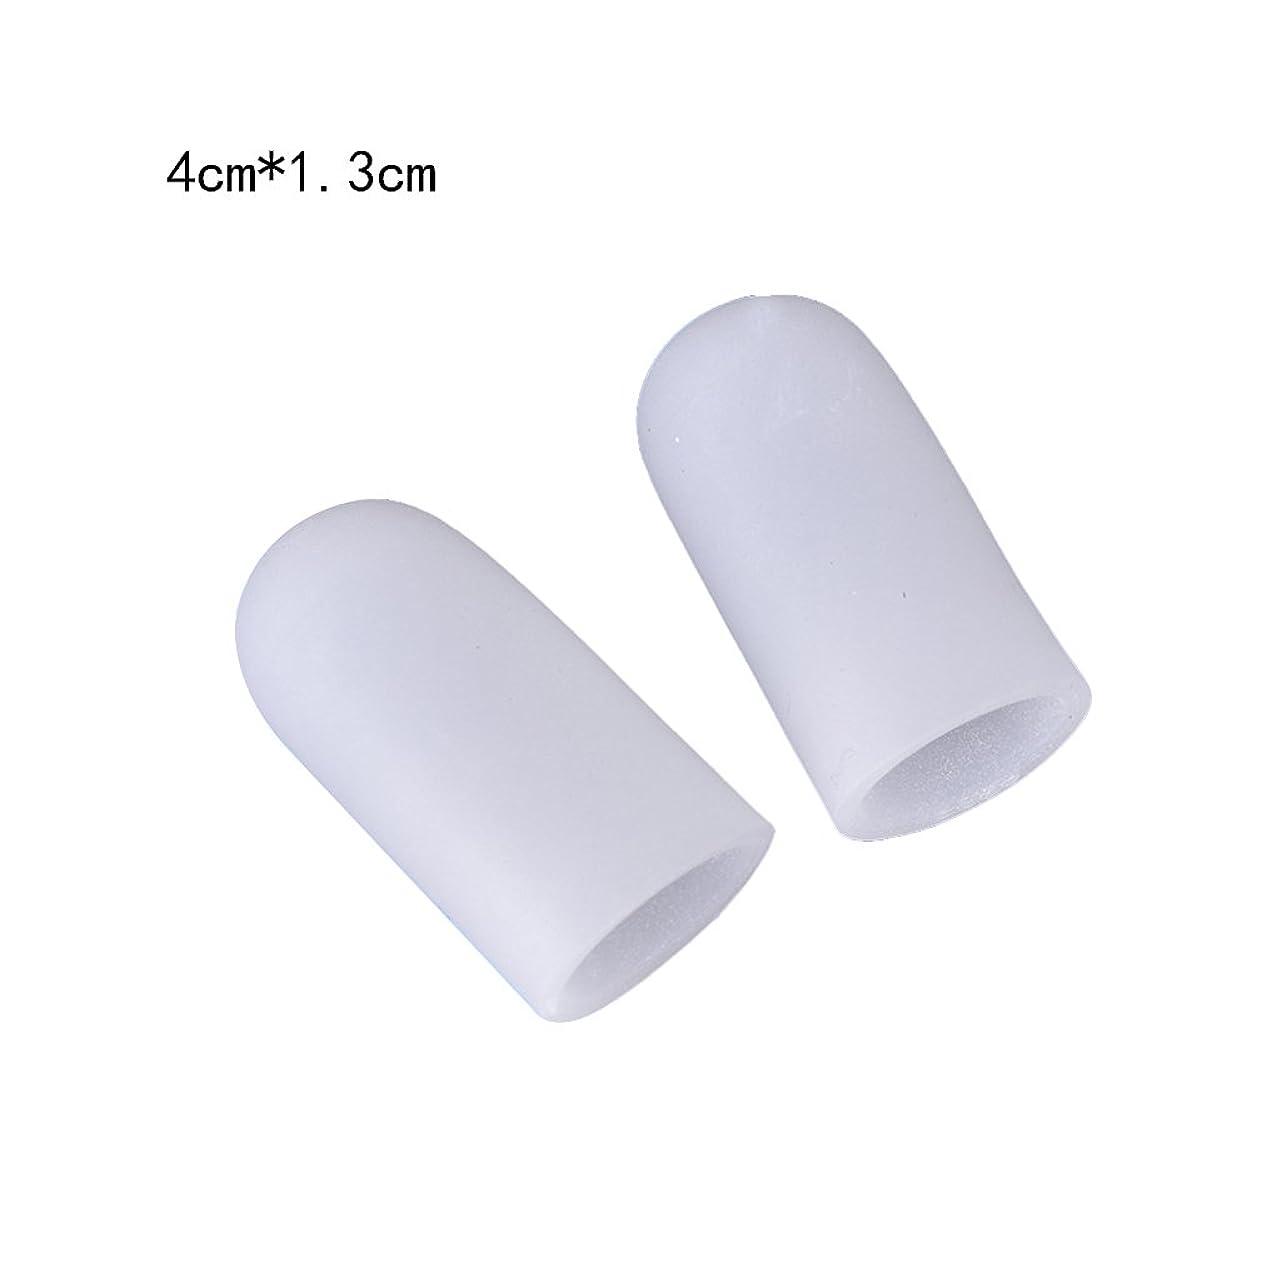 オプション国遺棄されたYOKEL 足指保護キャップ つま先プロテクター 足先のつめ保護キャップ シリコン (S)